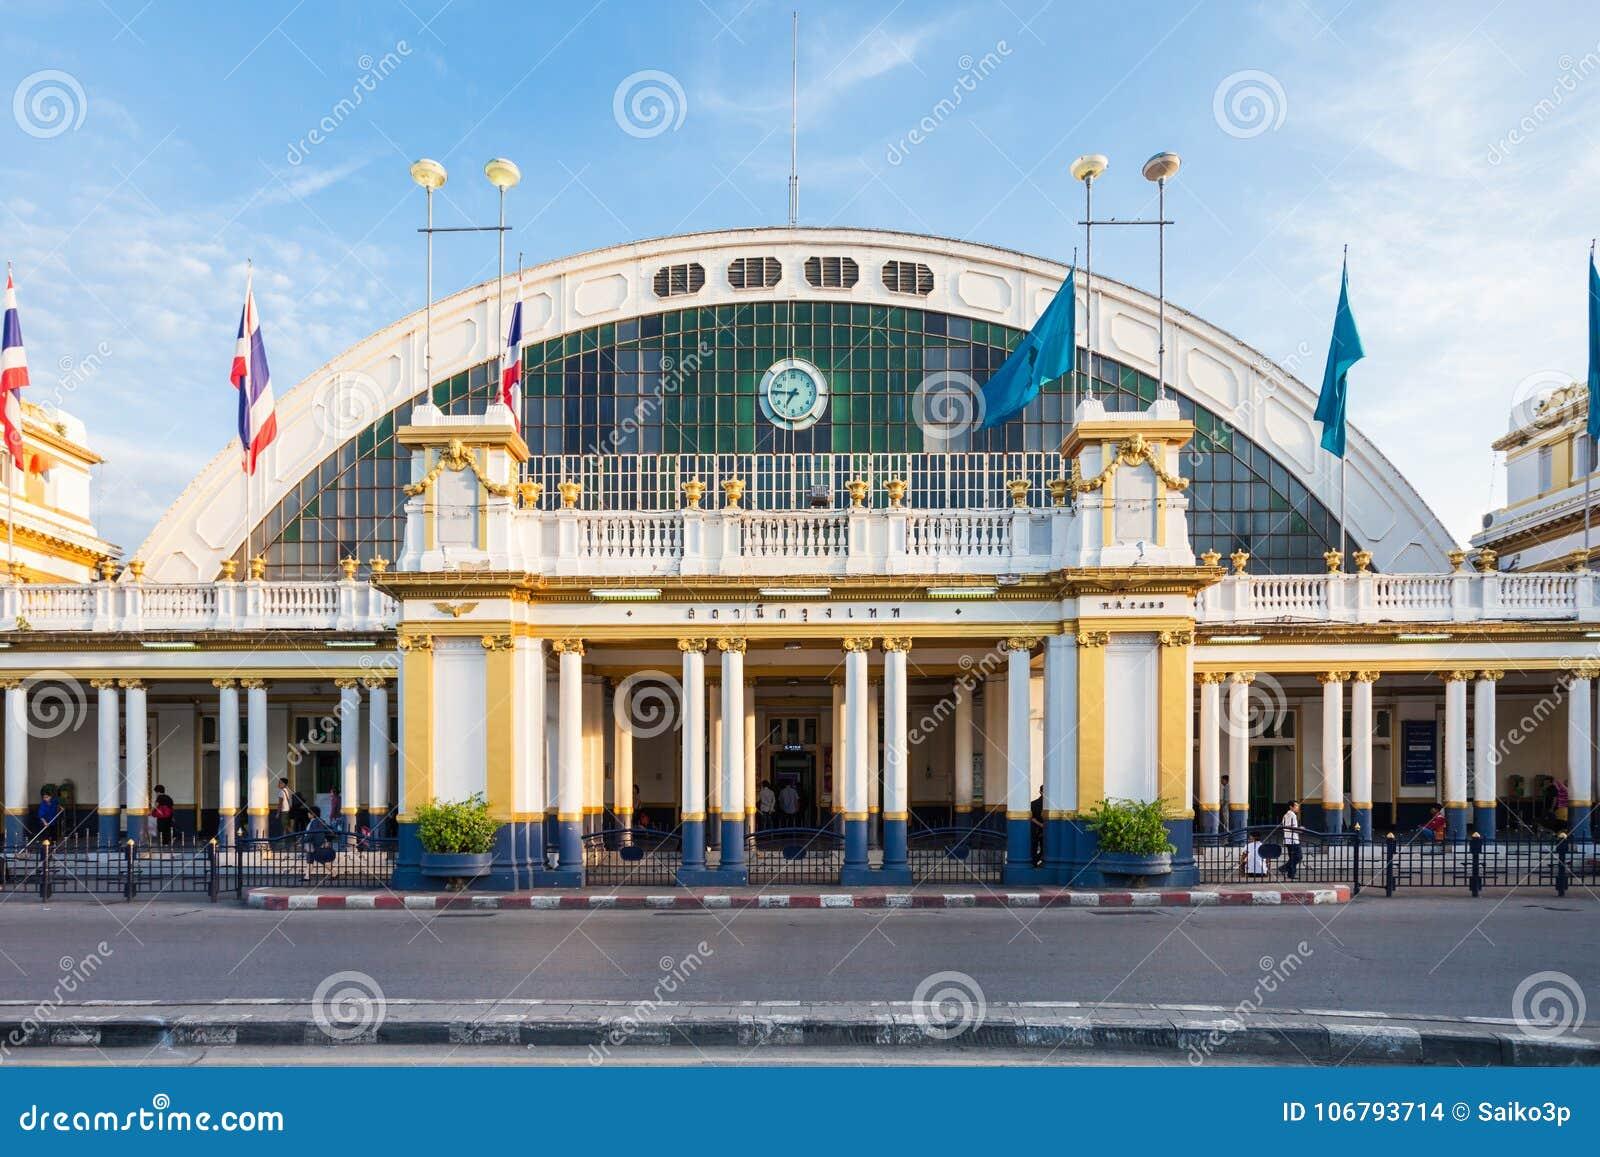 Ferrocarril de Bangkok